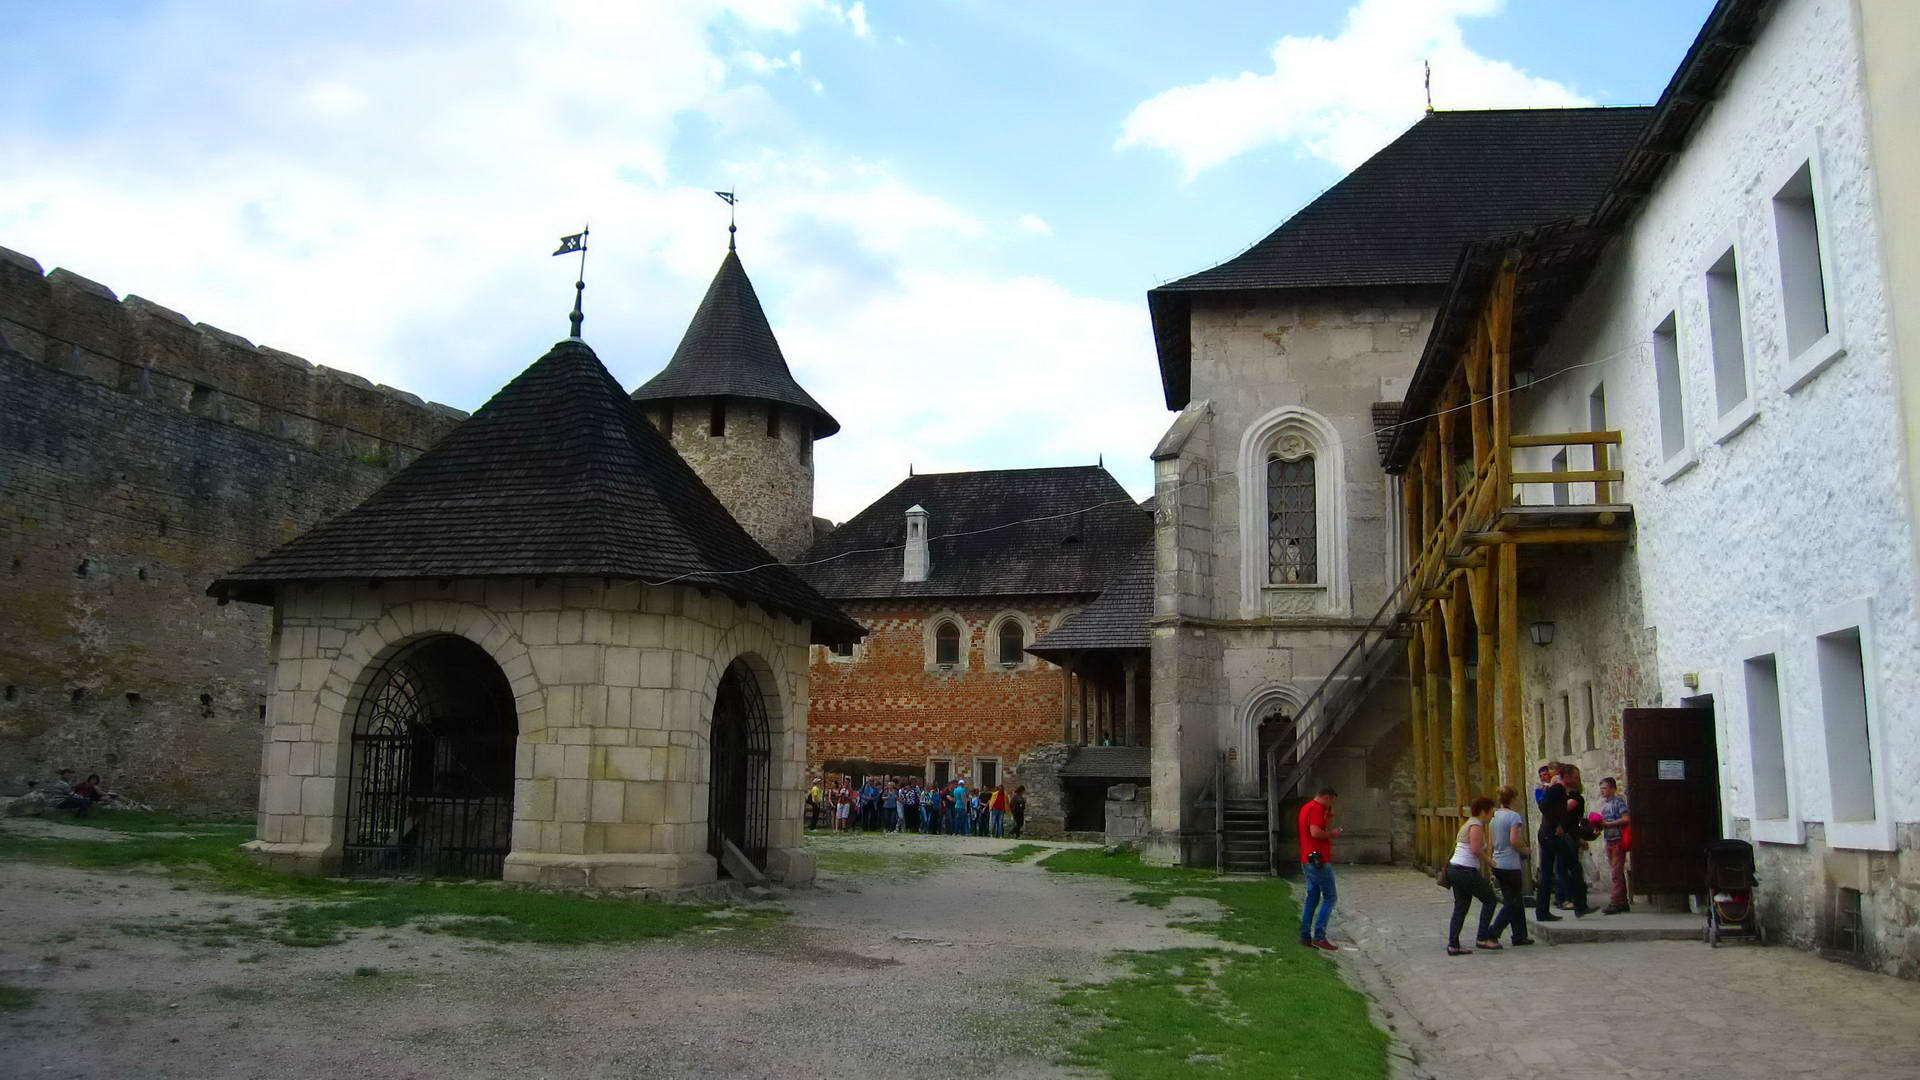 Хотинська фортеця, внутрішній двір